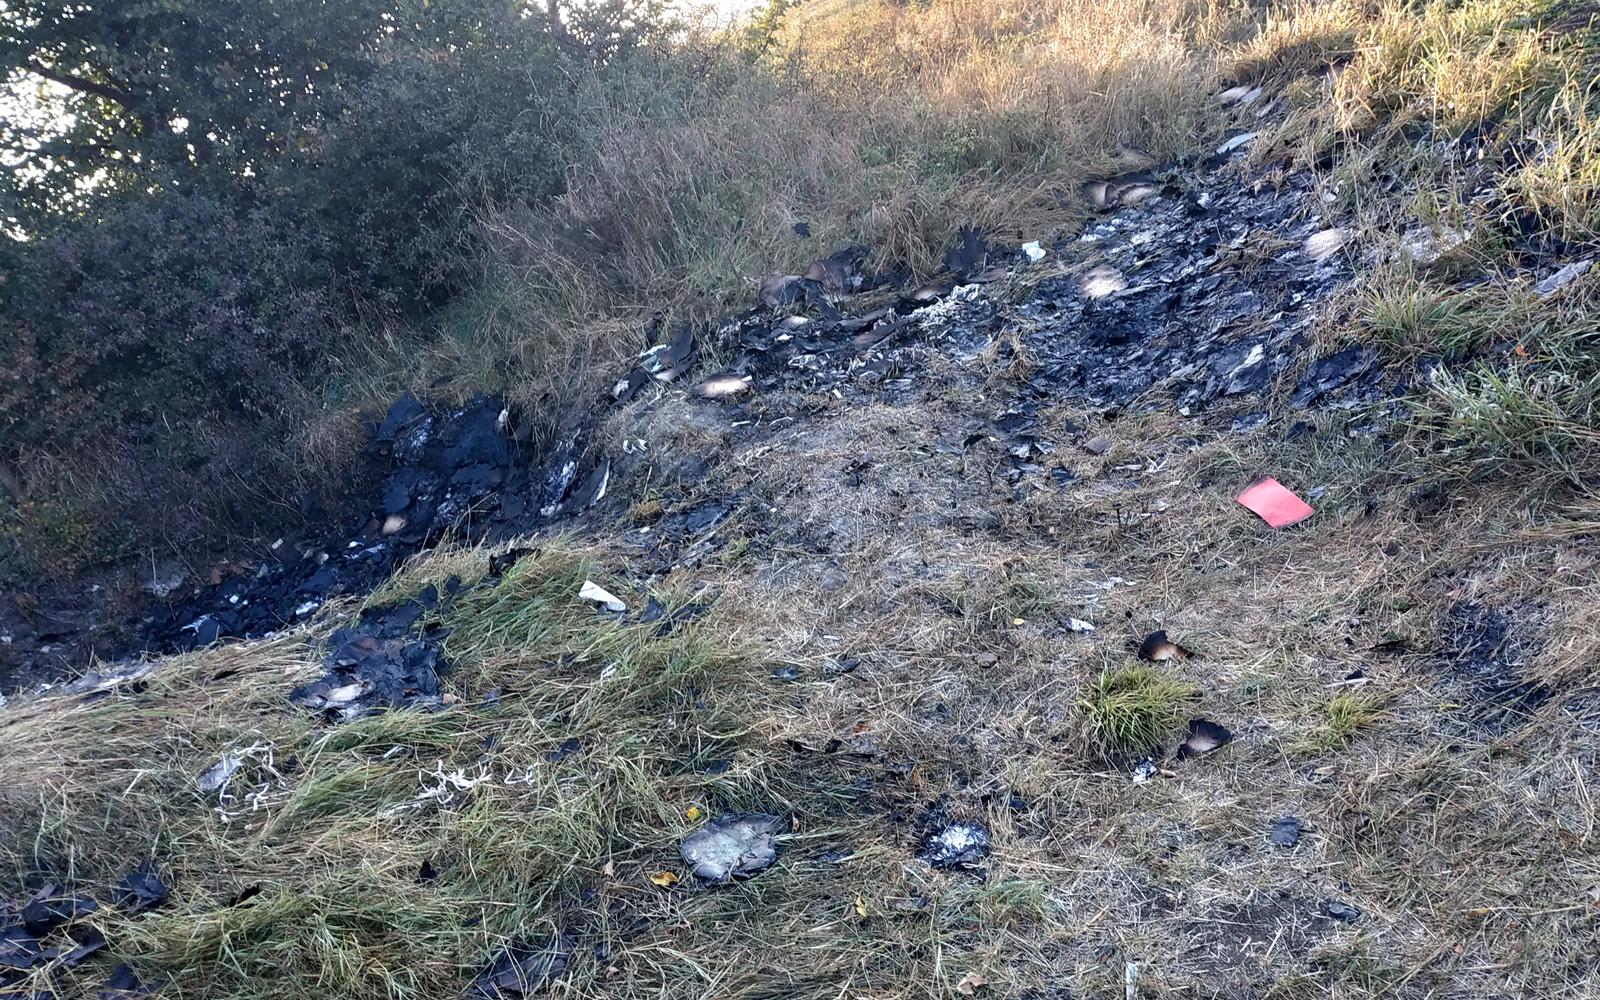 La trei zile de la incident reporterii BIvol au mai recuperat alte bucăți din documentele arse.